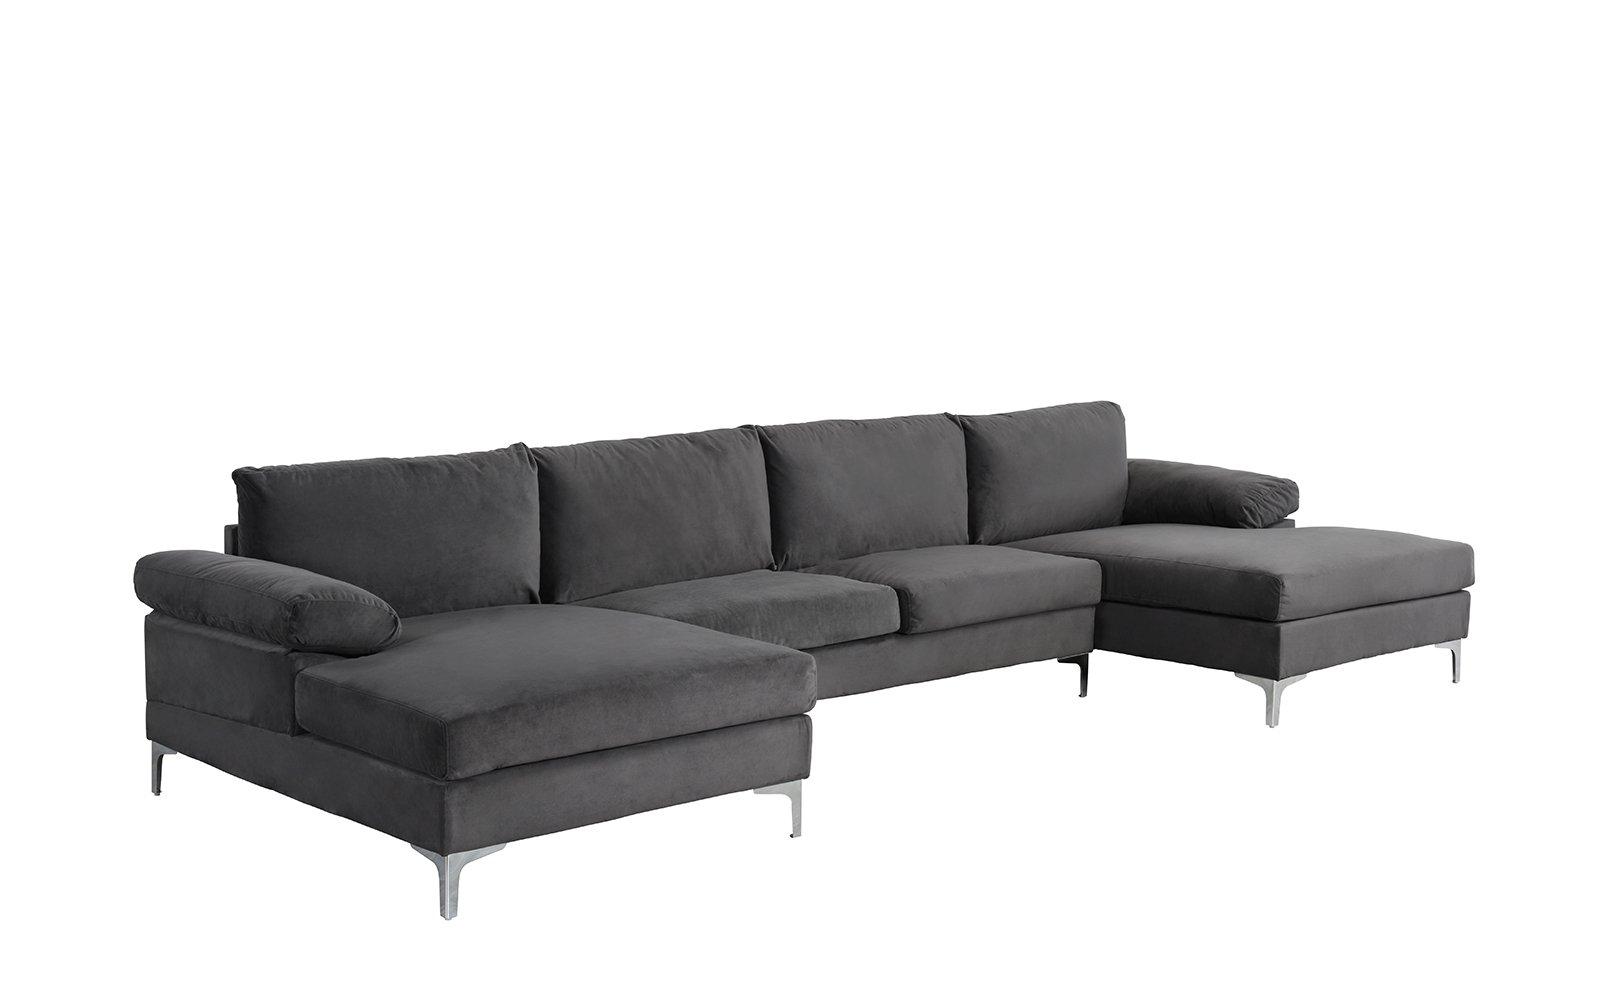 Grey Large Velvet Fabric U-Shape Sectional Sofa Double ...